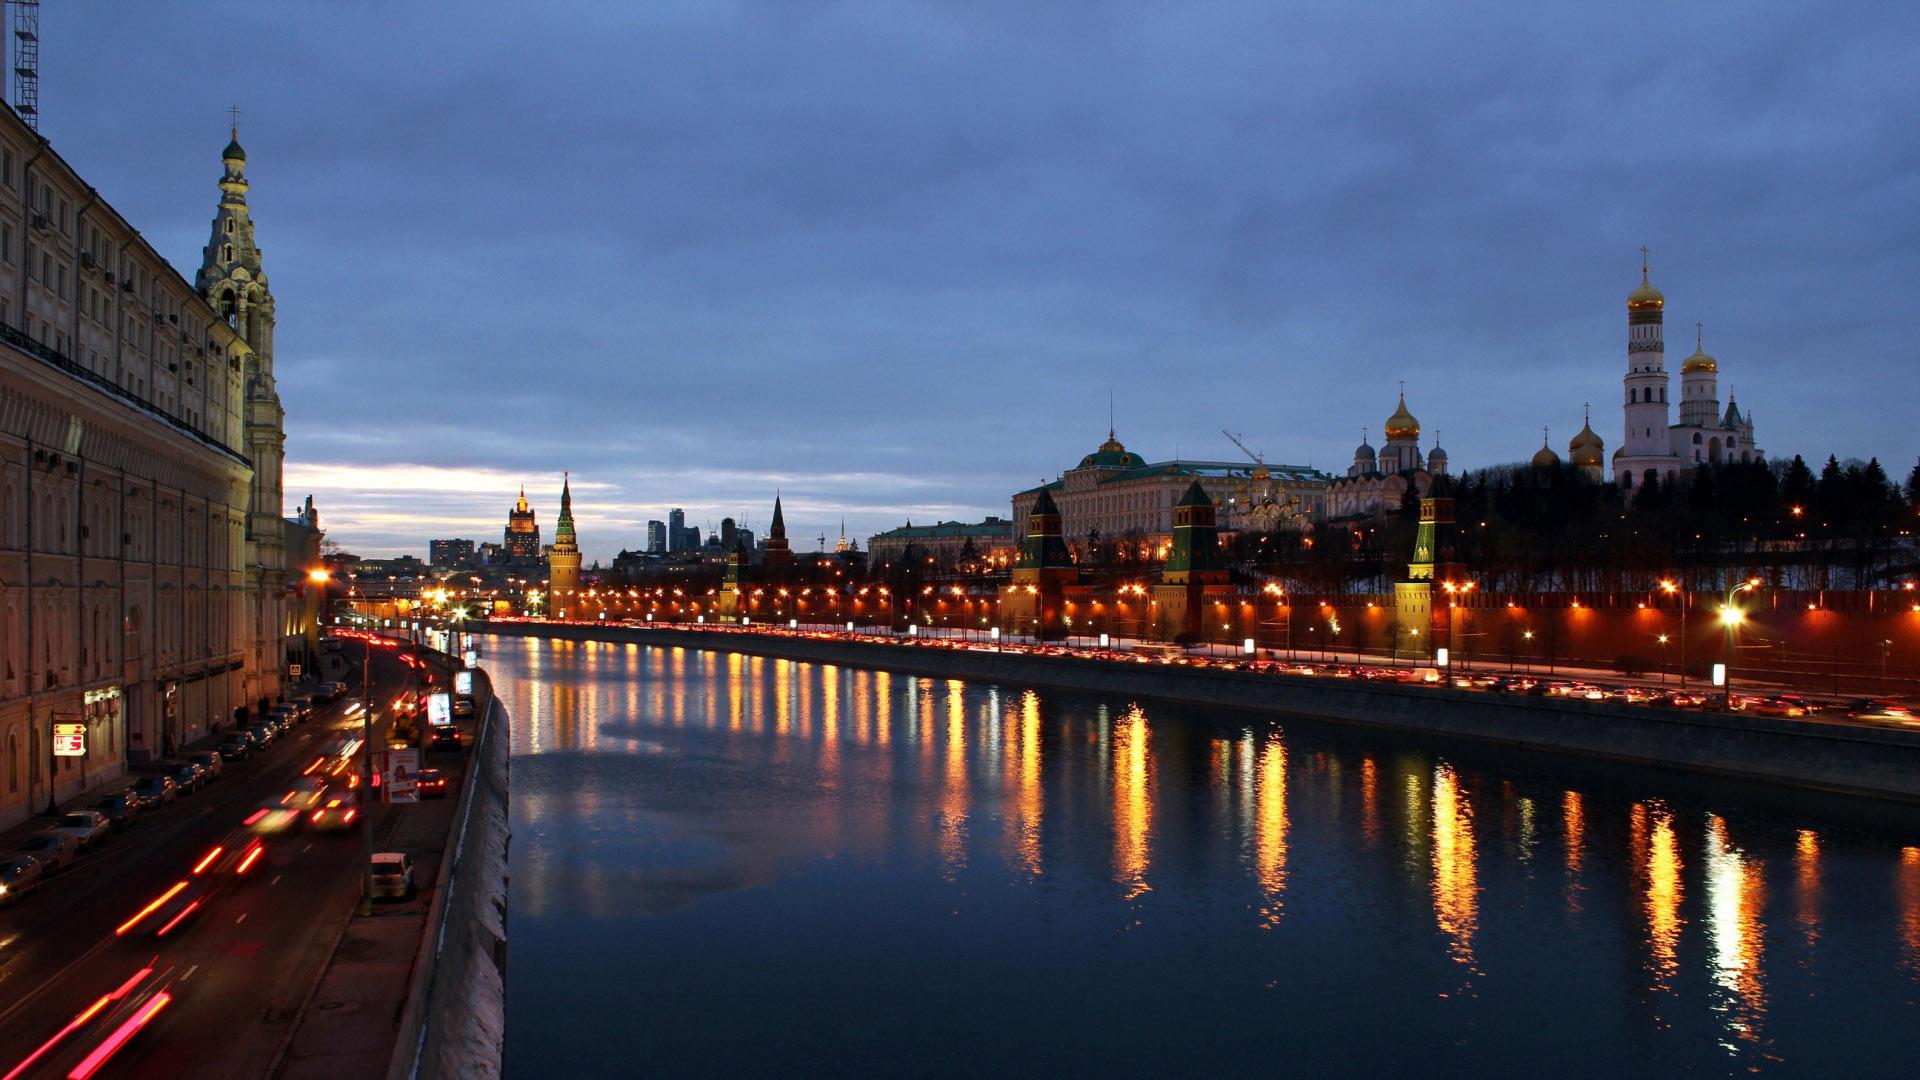 Красивые картинки Городов на рабочий стол - подборка №2 12